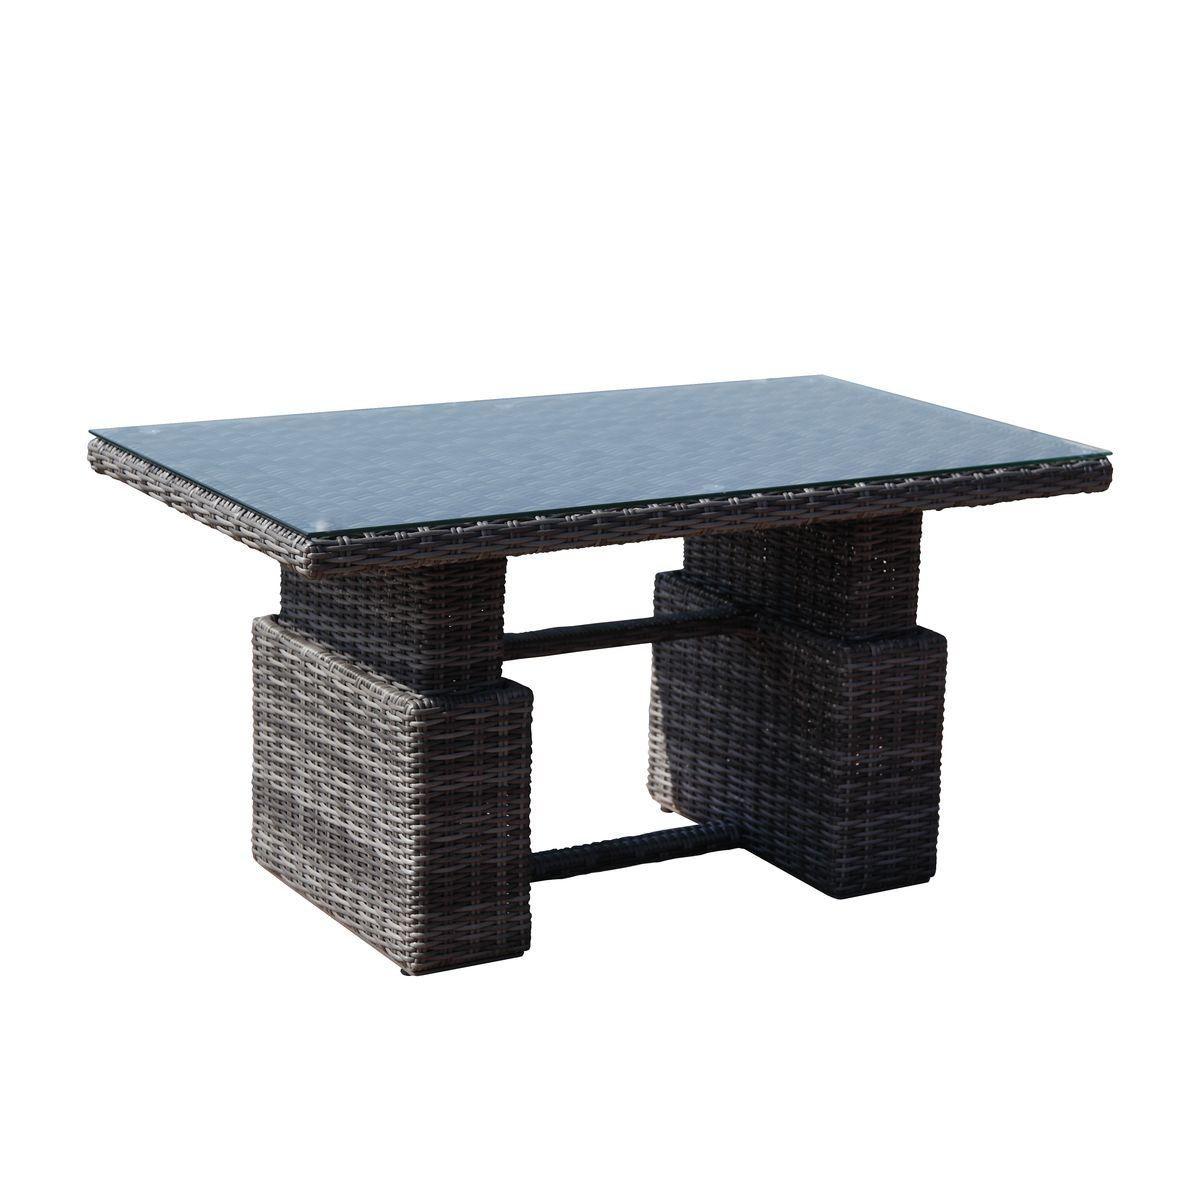 Greemotion Rattan Esstisch Bari In Grau Mit Glasplatte Gartentisch Hohenverstellbar Lounge Tisch Fur 4 Personen Gartenmobel Aus Polyrattan Fur Terrasse B Tisch Esstisch Holztisch Selber Bauen